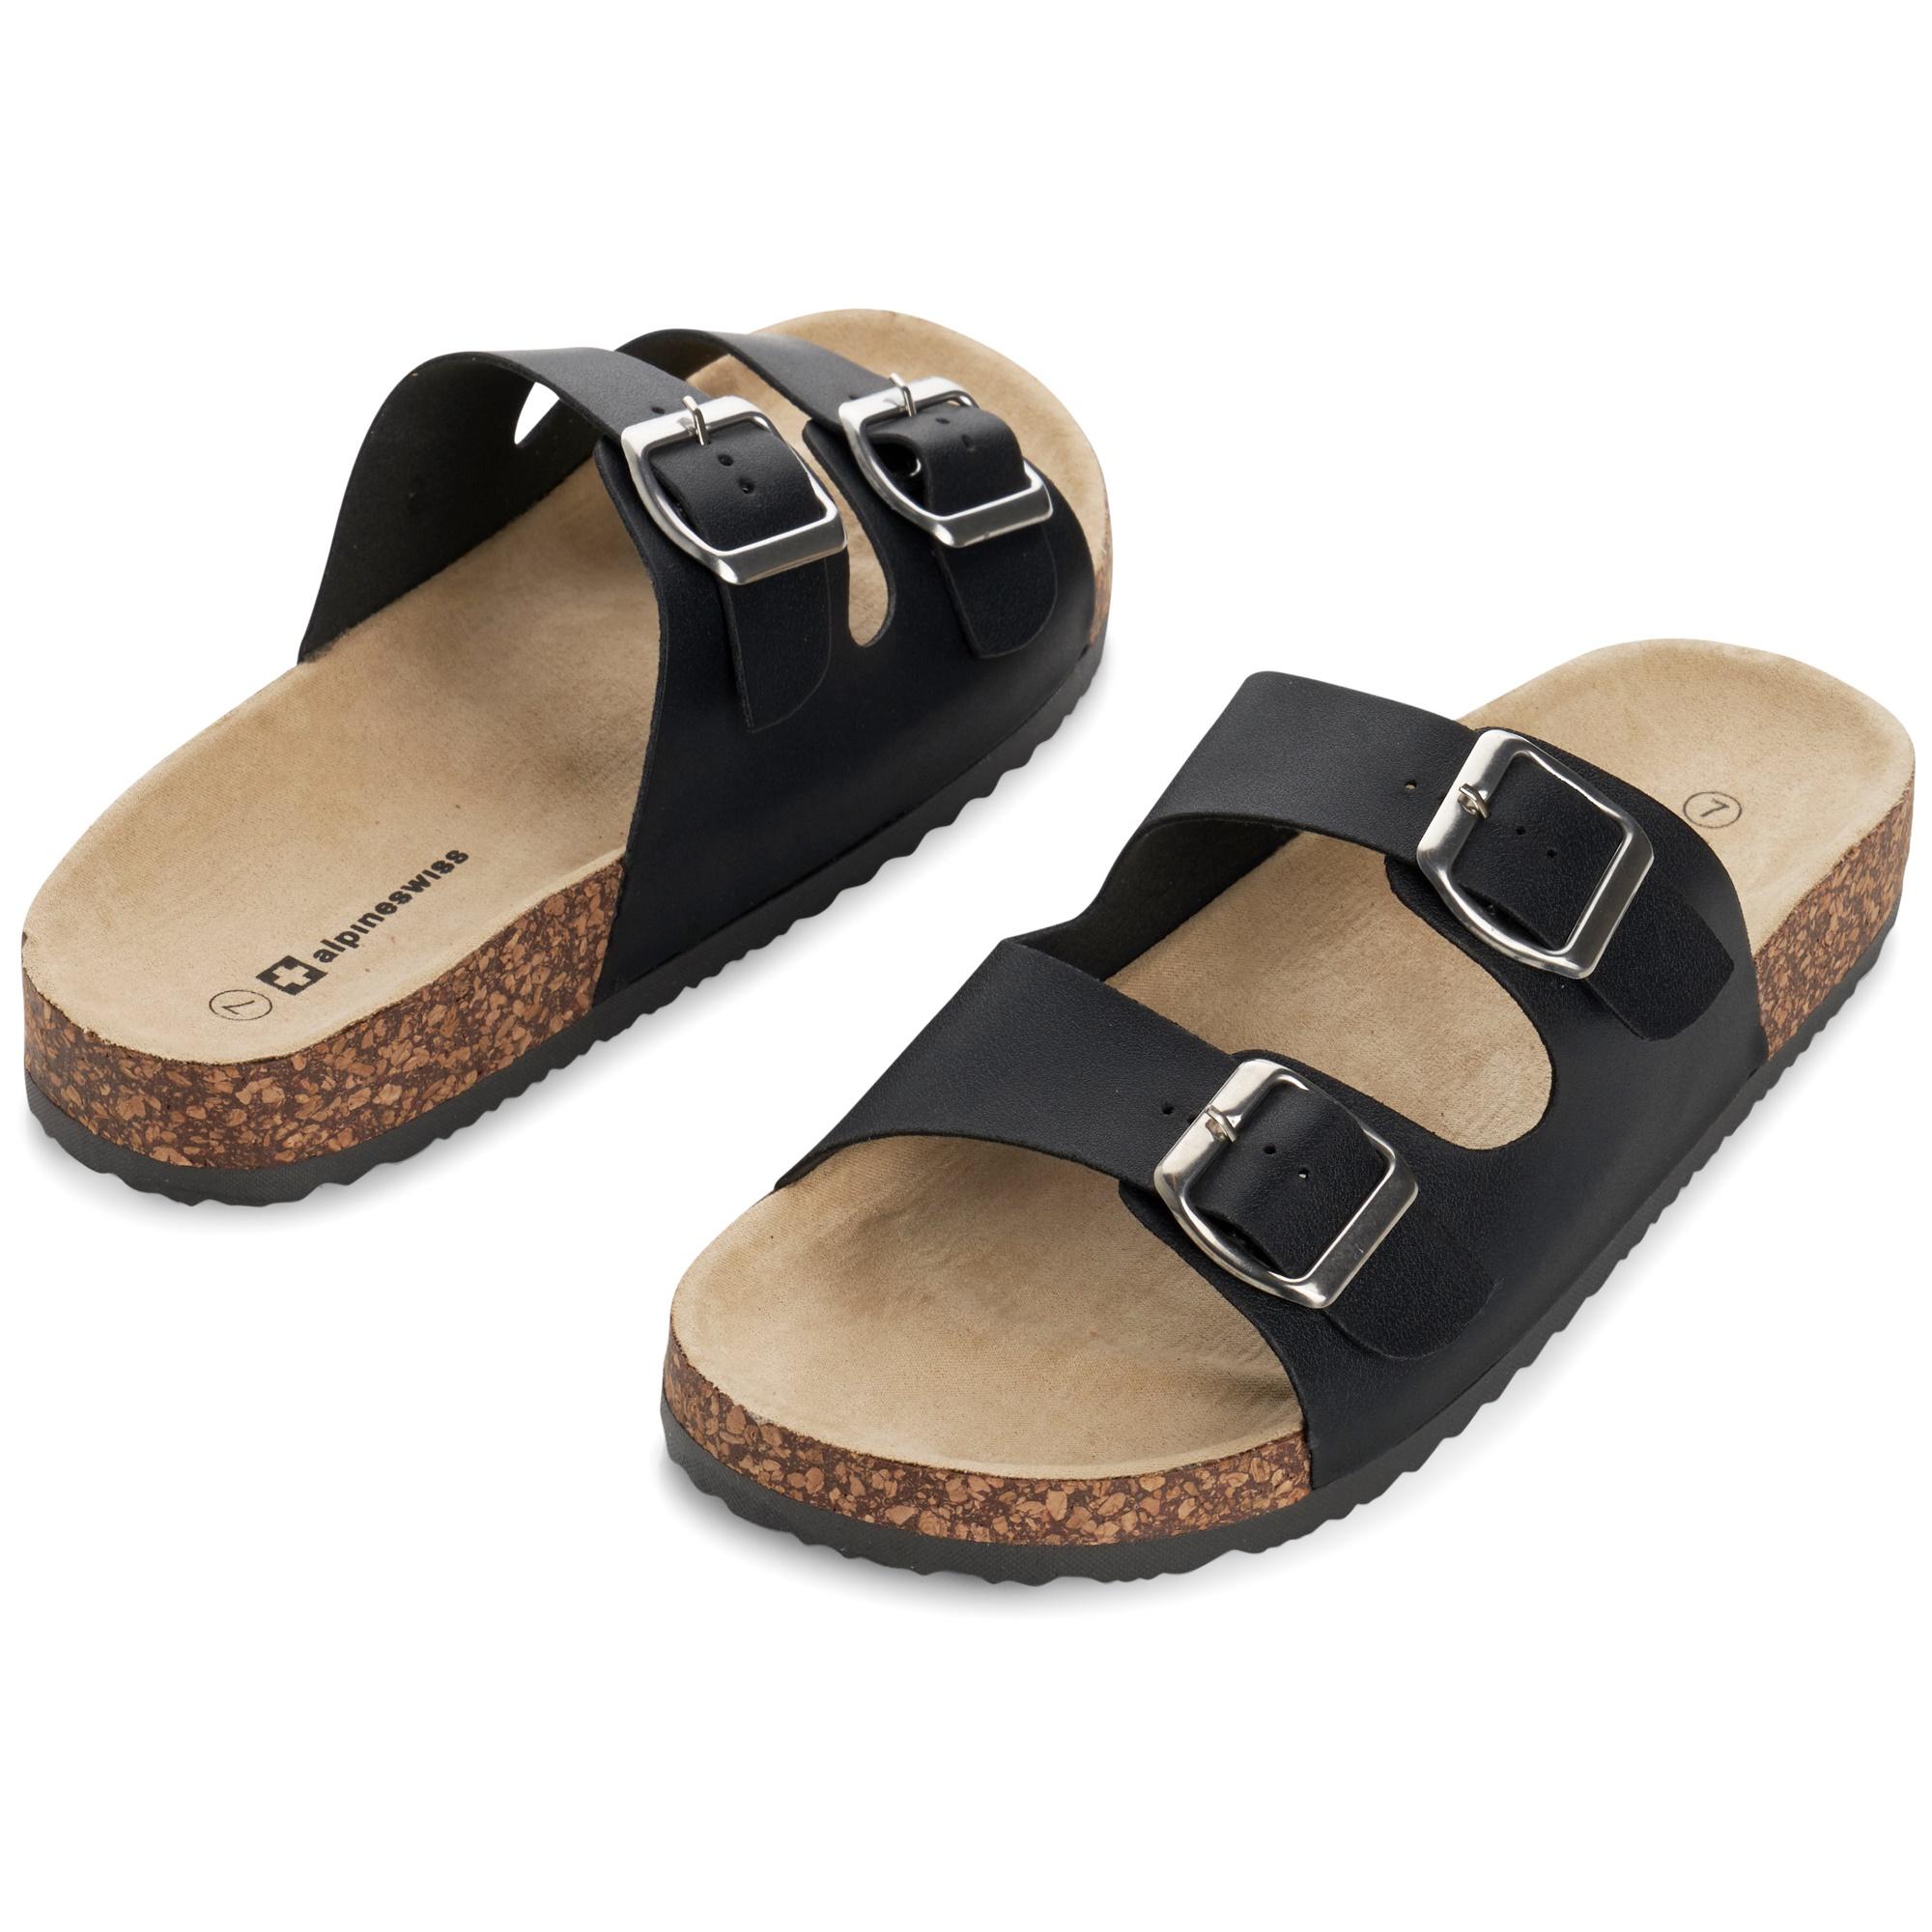 Alpine-Swiss-Womens-Double-Strap-Slide-Sandals-EVA-Sole-Flat-Comfort-Shoes thumbnail 15